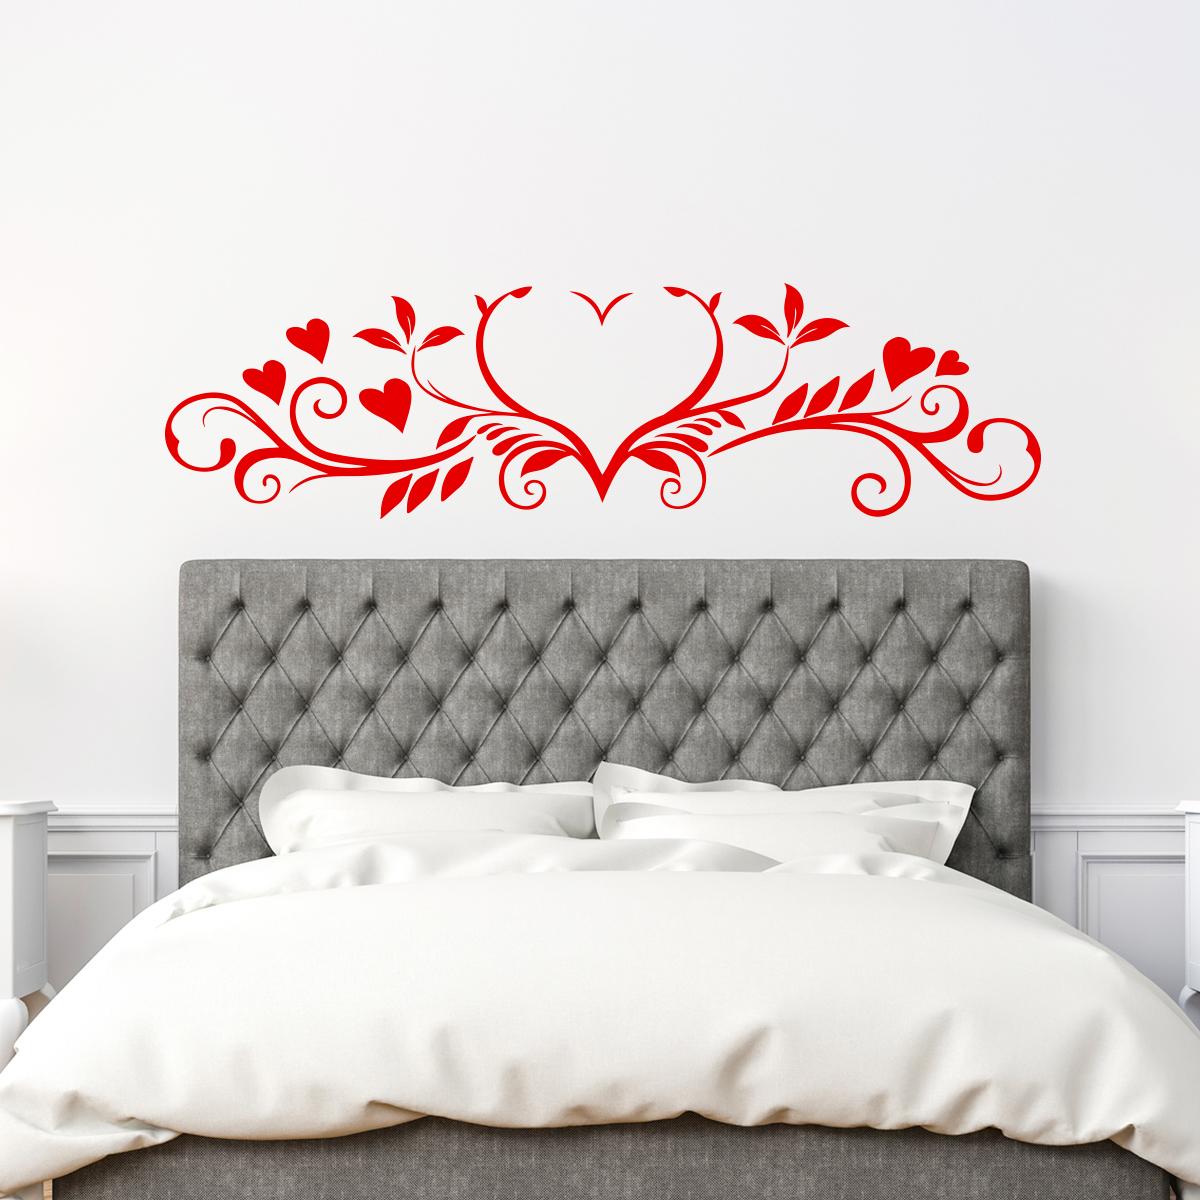 sticker coeurs et fleurs harmonieux baroque stickers chambre t tes de lit ambiance sticker. Black Bedroom Furniture Sets. Home Design Ideas